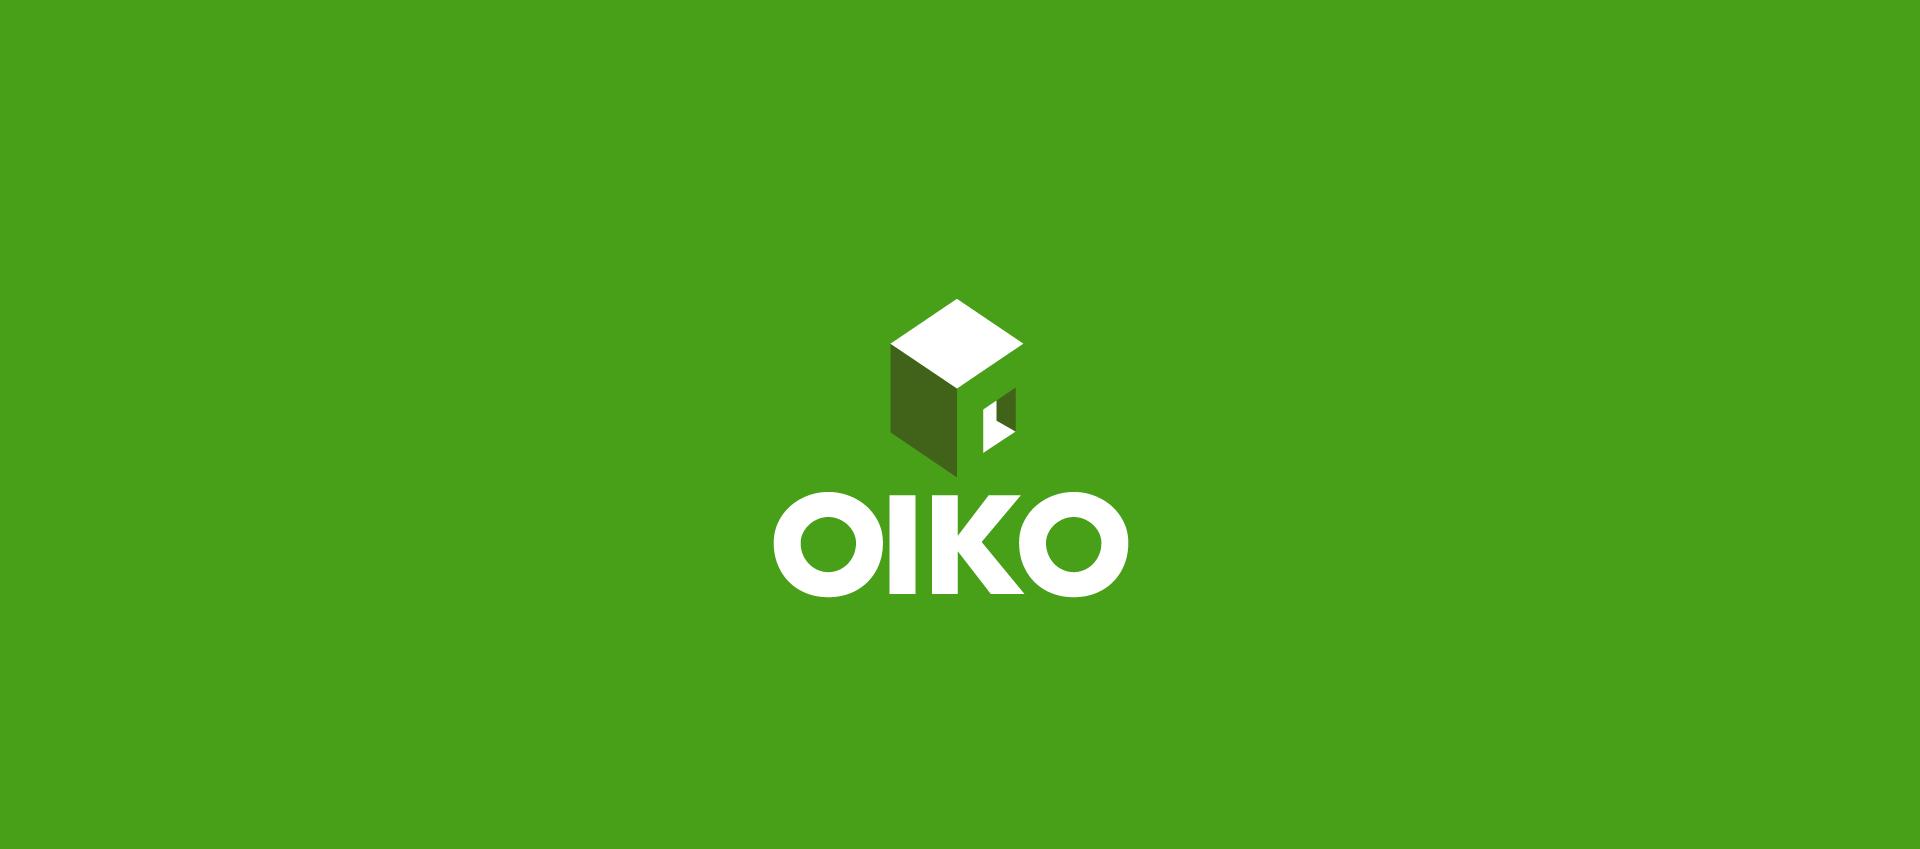 建築会社のロゴ提案1